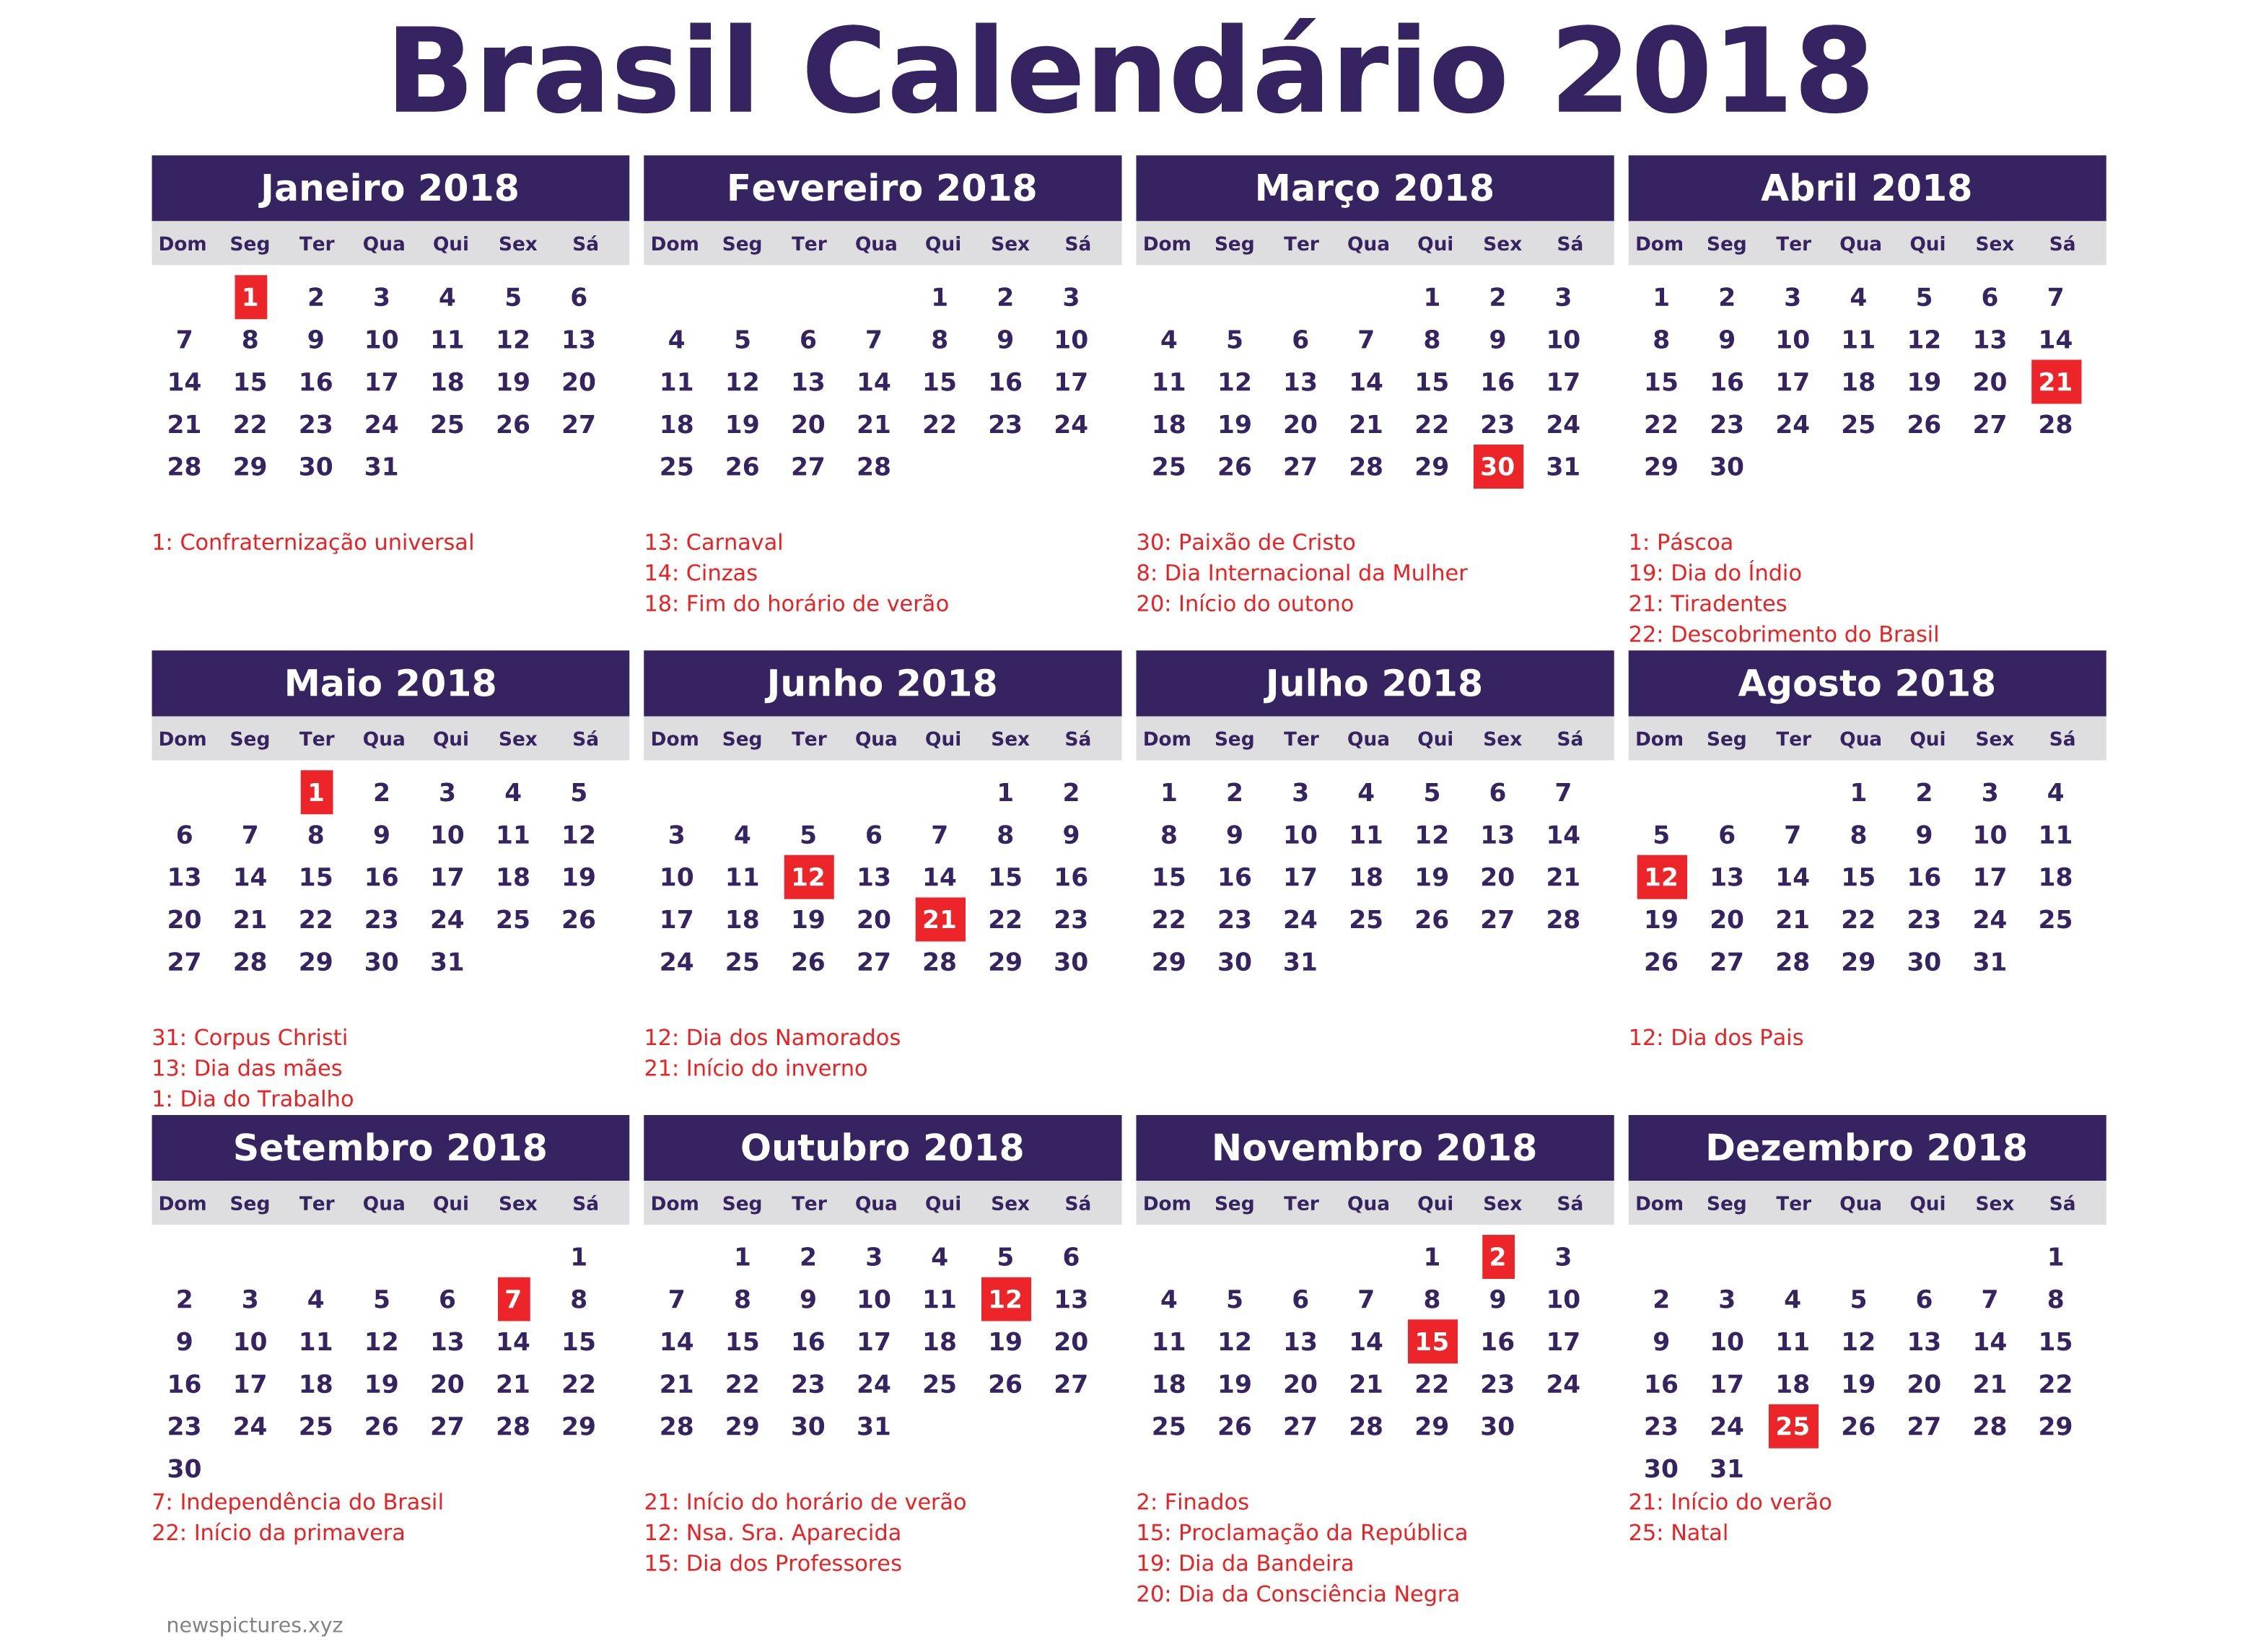 Calendario Abril 2017 Para Imprimir Más Recientemente Liberado Keila Lacerda Keilalacerda07 On Pinterest Of Calendario Abril 2017 Para Imprimir Más Caliente Observar Calendario Para Imprimir 2019 Pdf